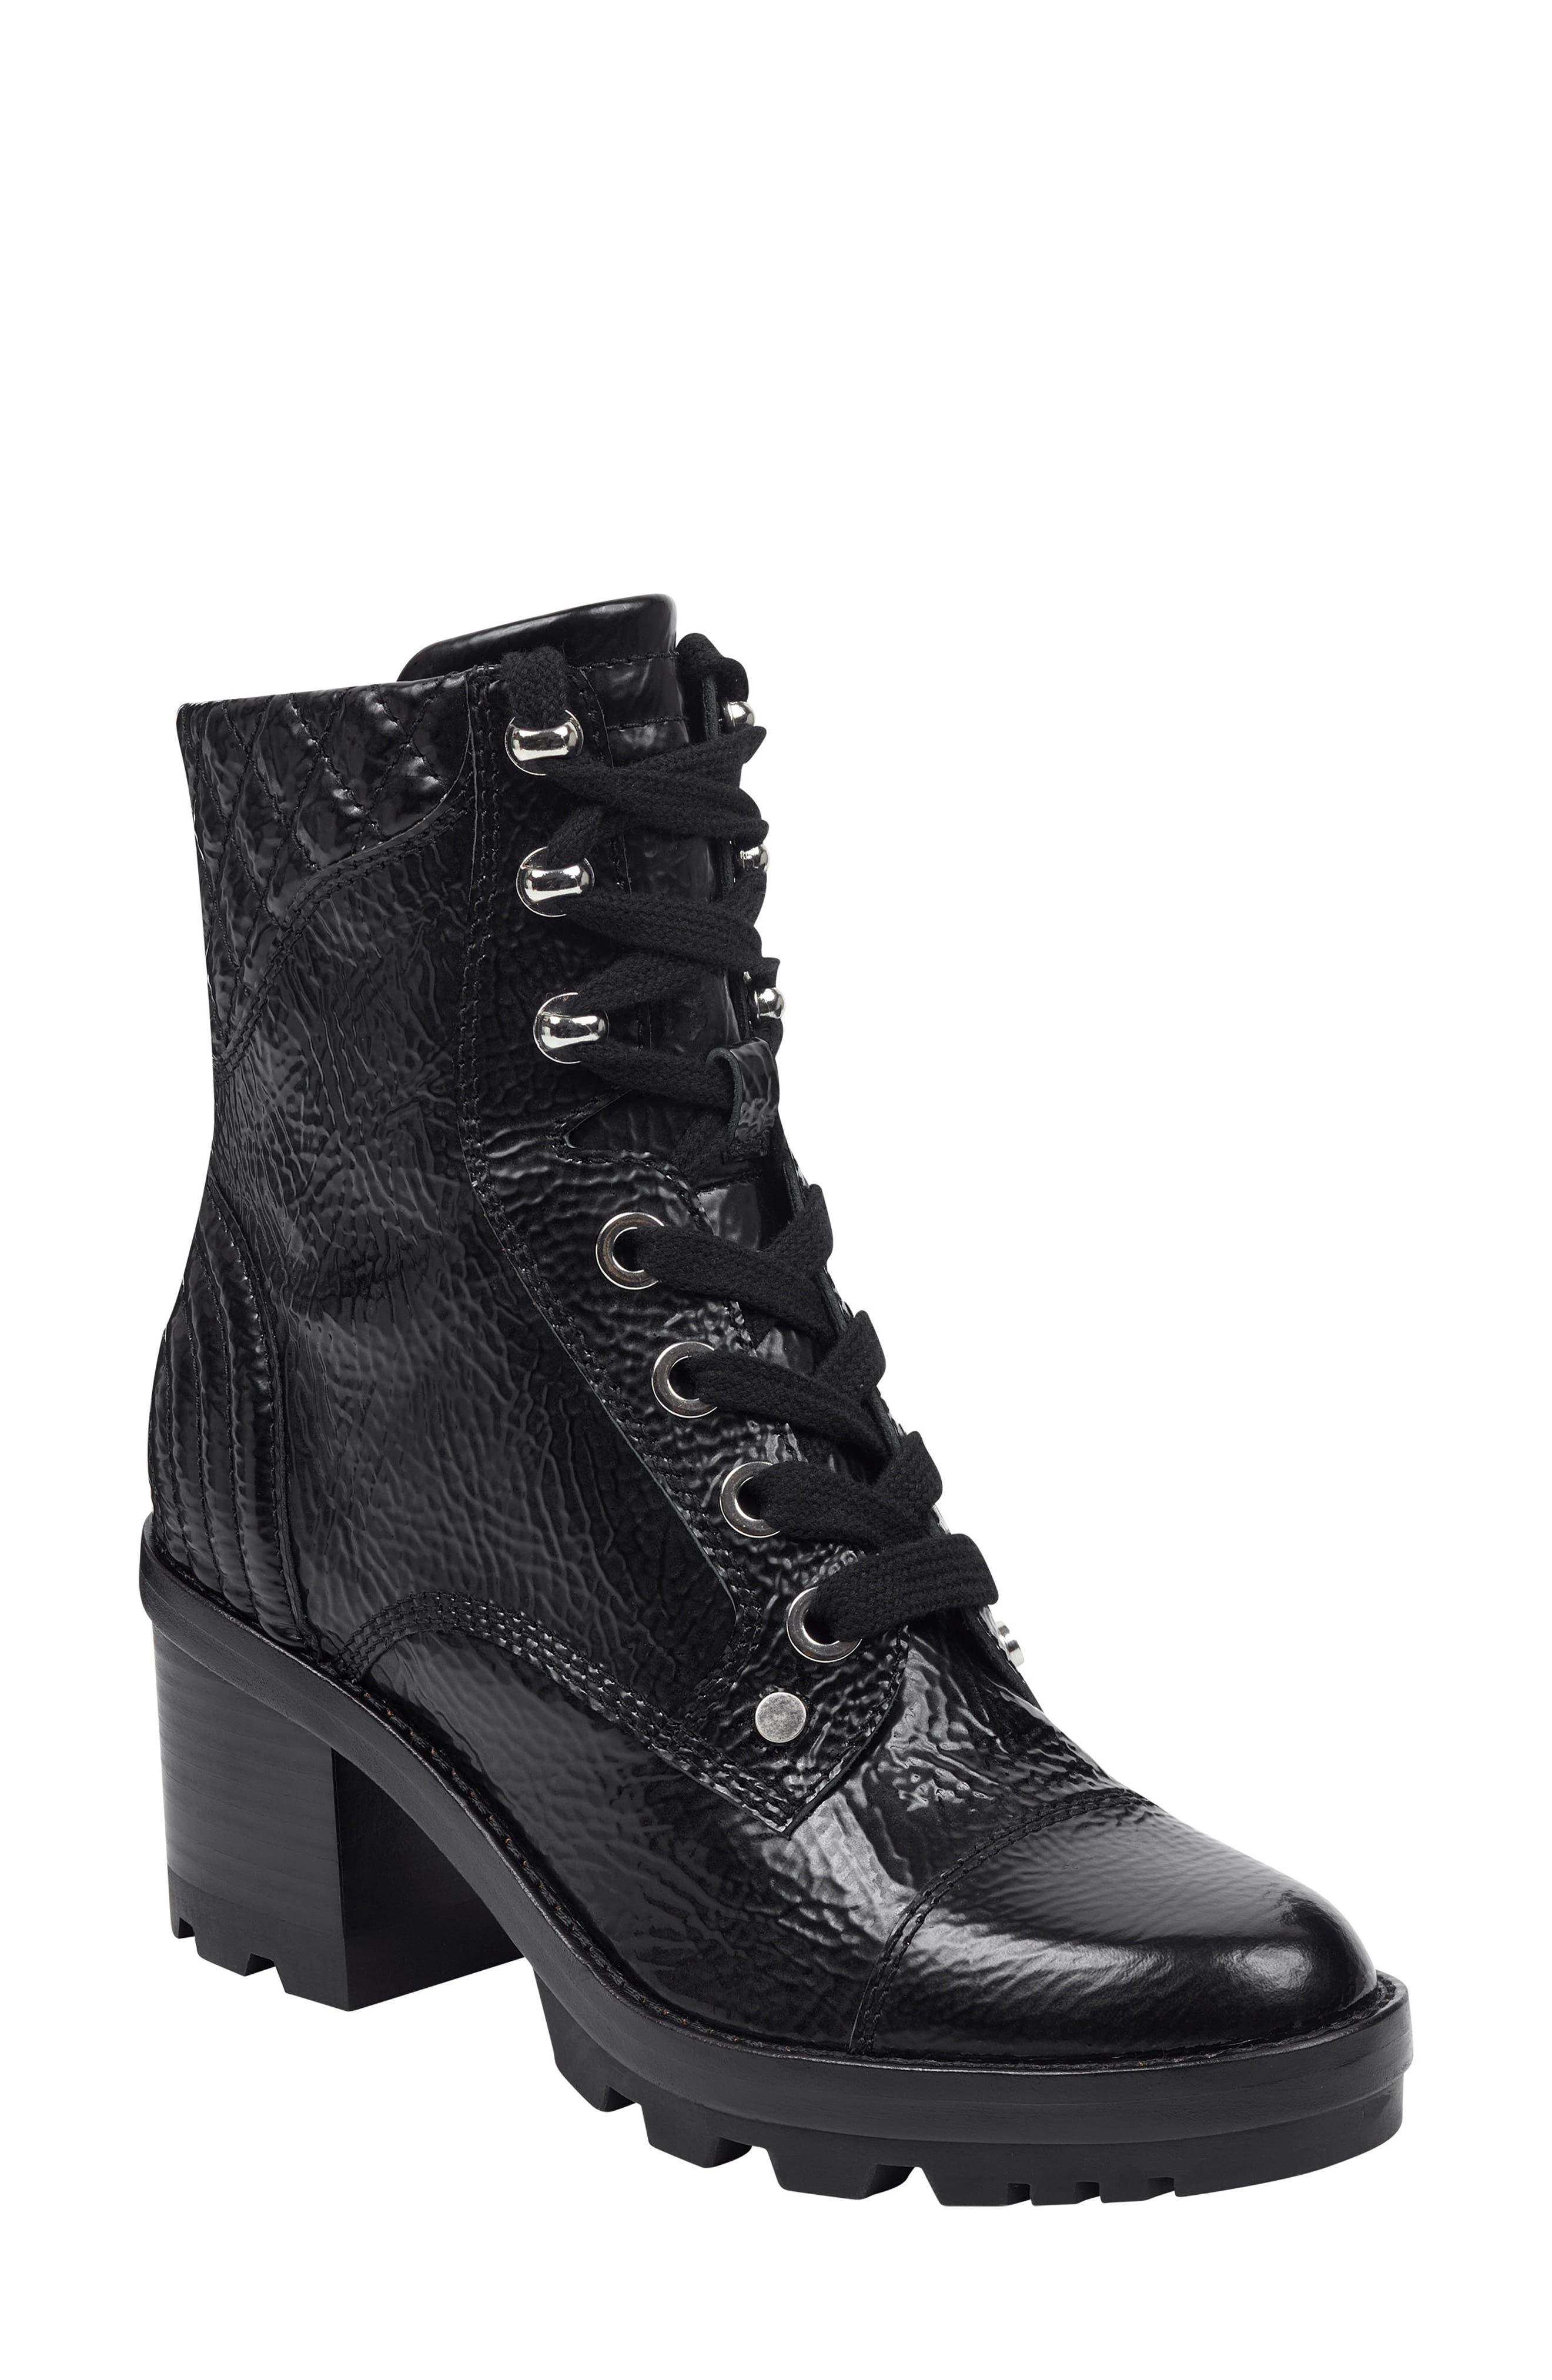 Marc Fisher Ltd Wyomi Platform Boot- Black